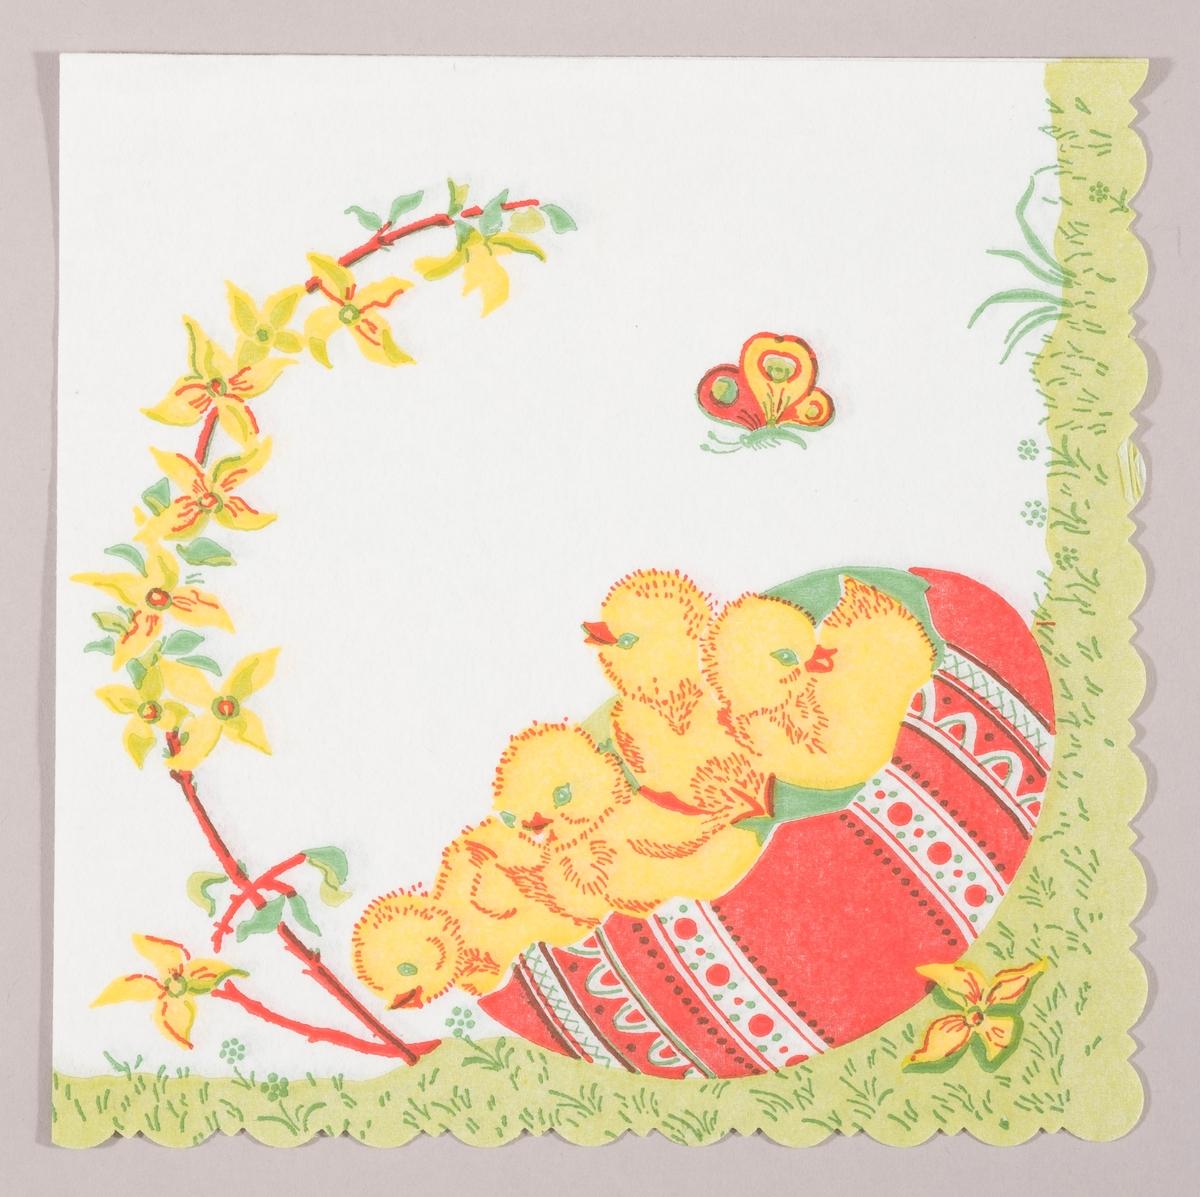 Fire kyllinger sitter i bunden av et stort påskeegg på en gressplen. En lang gren fra en forsynthia med gule blomster og en sommerfugl.